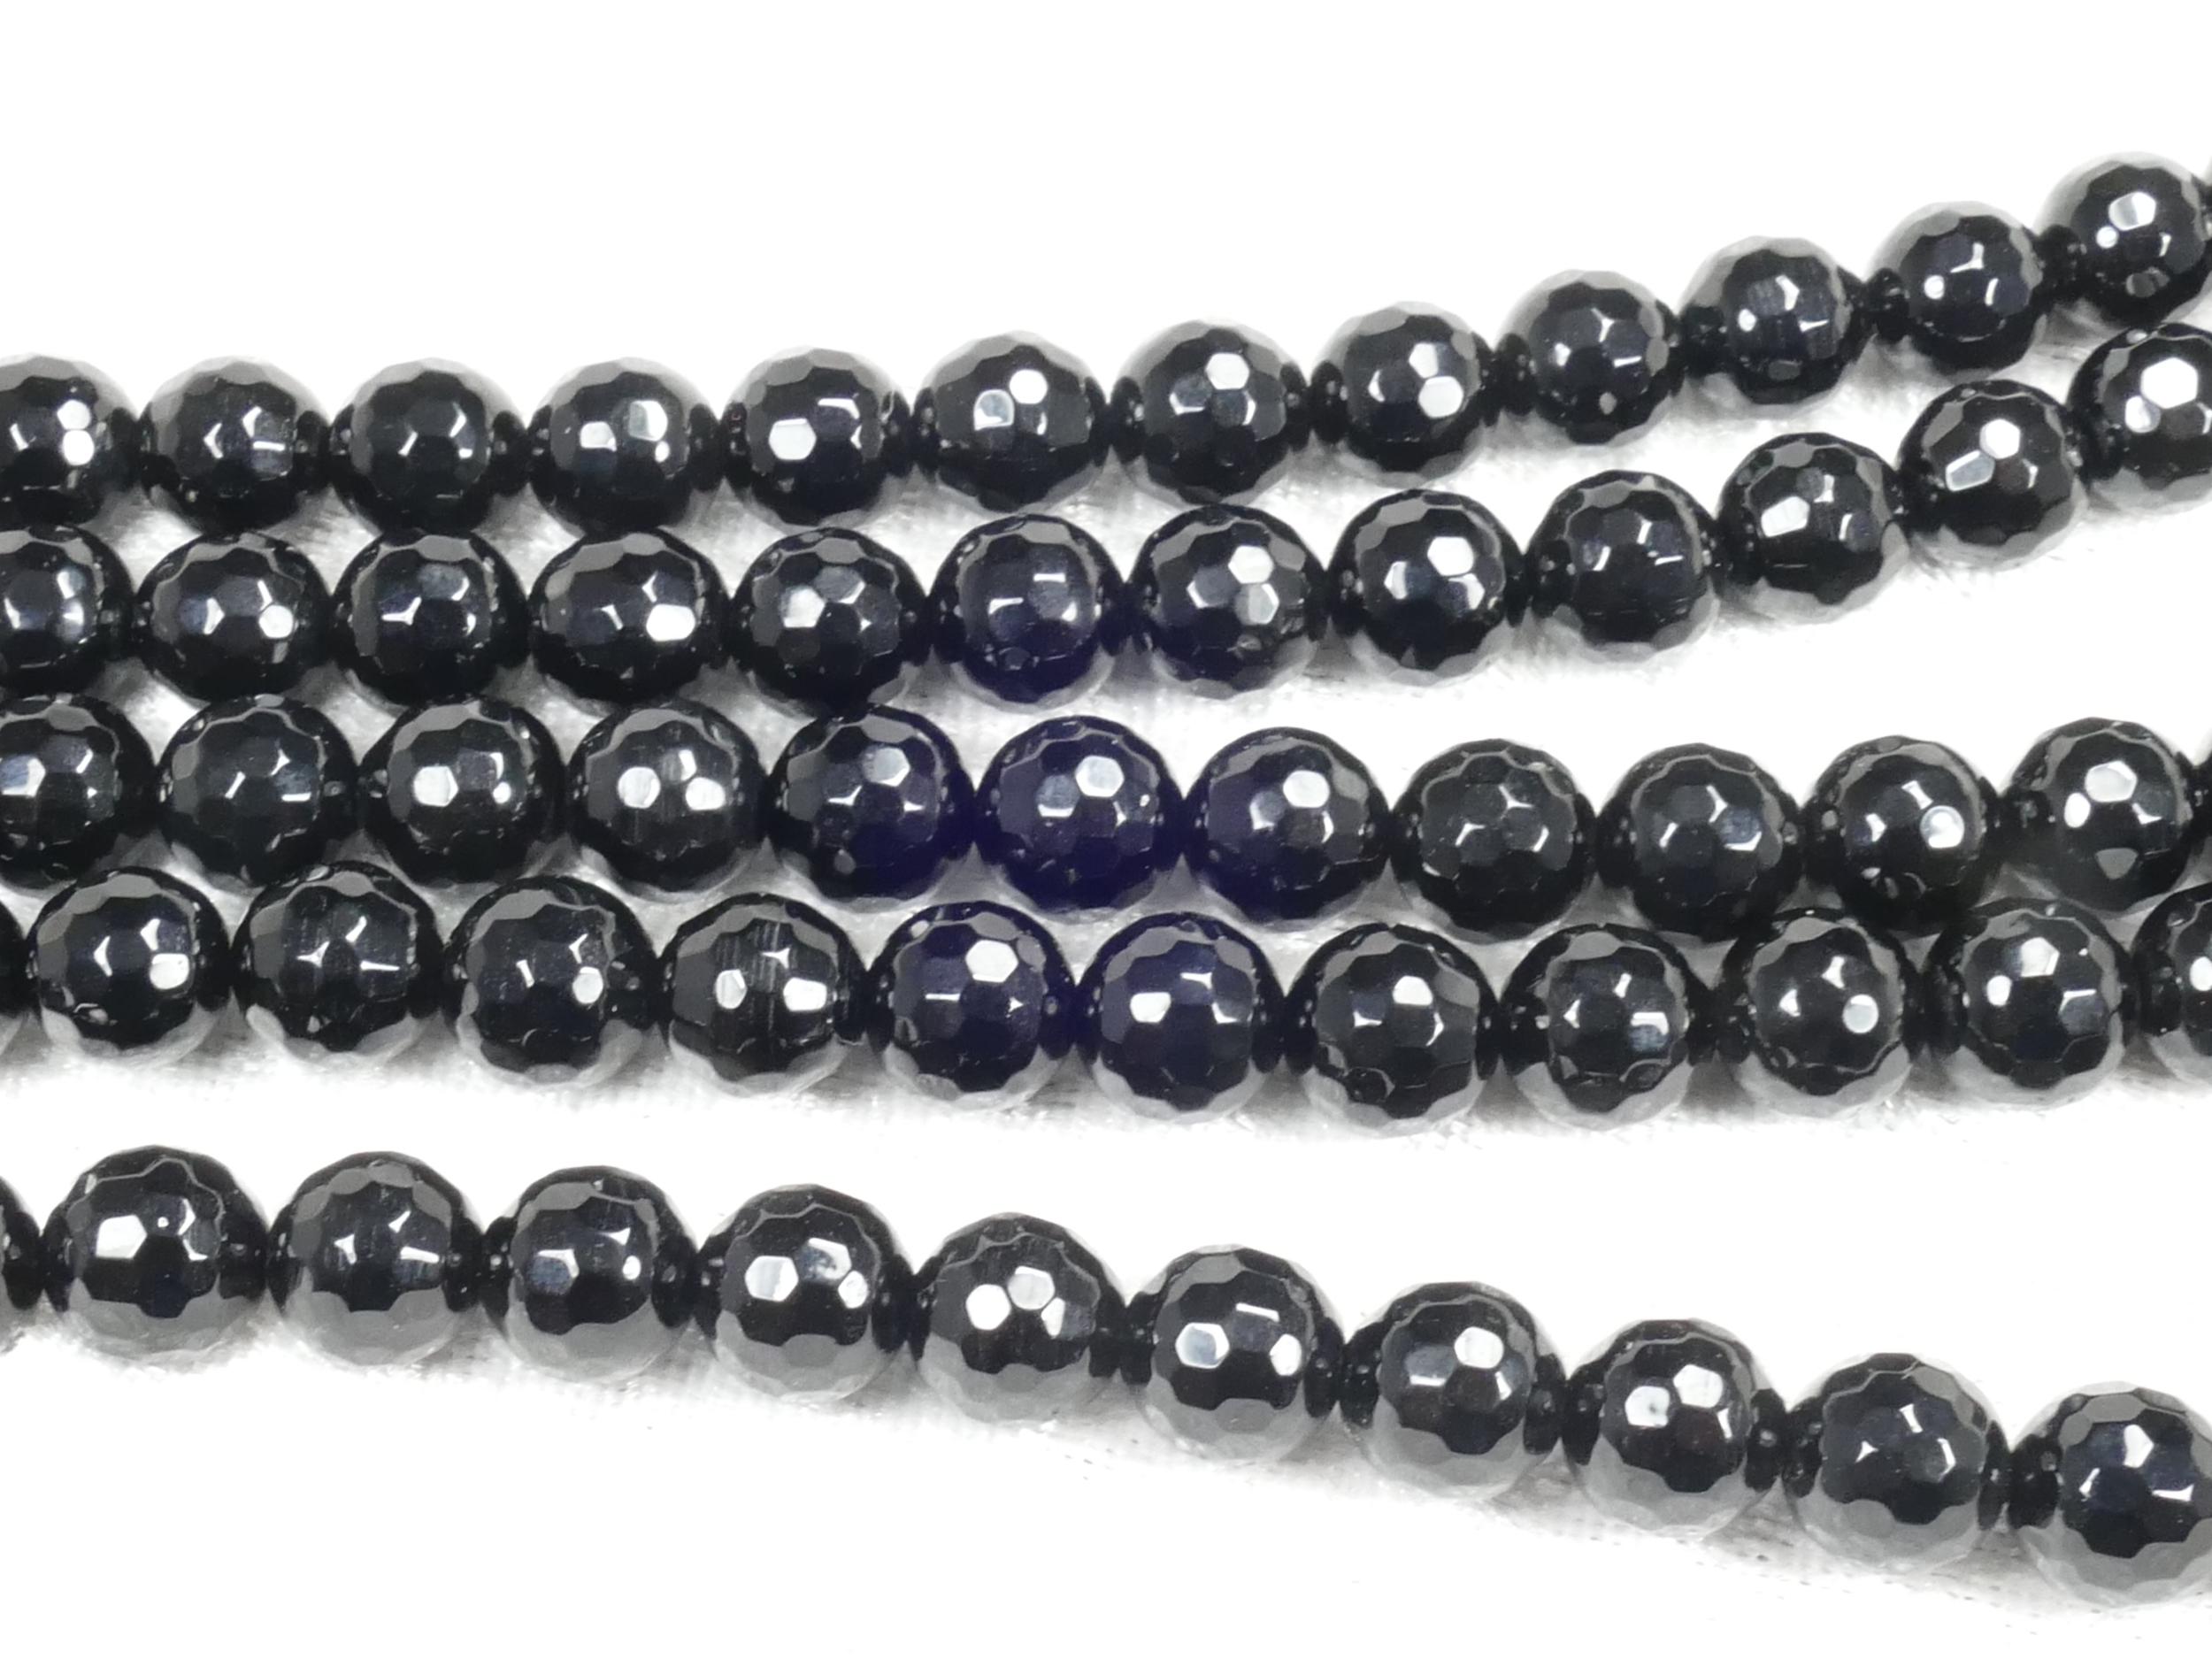 8/8.4mm x20 Perles d\'Onyx (Agate) naturel boule facettée noir intense (#AC874)